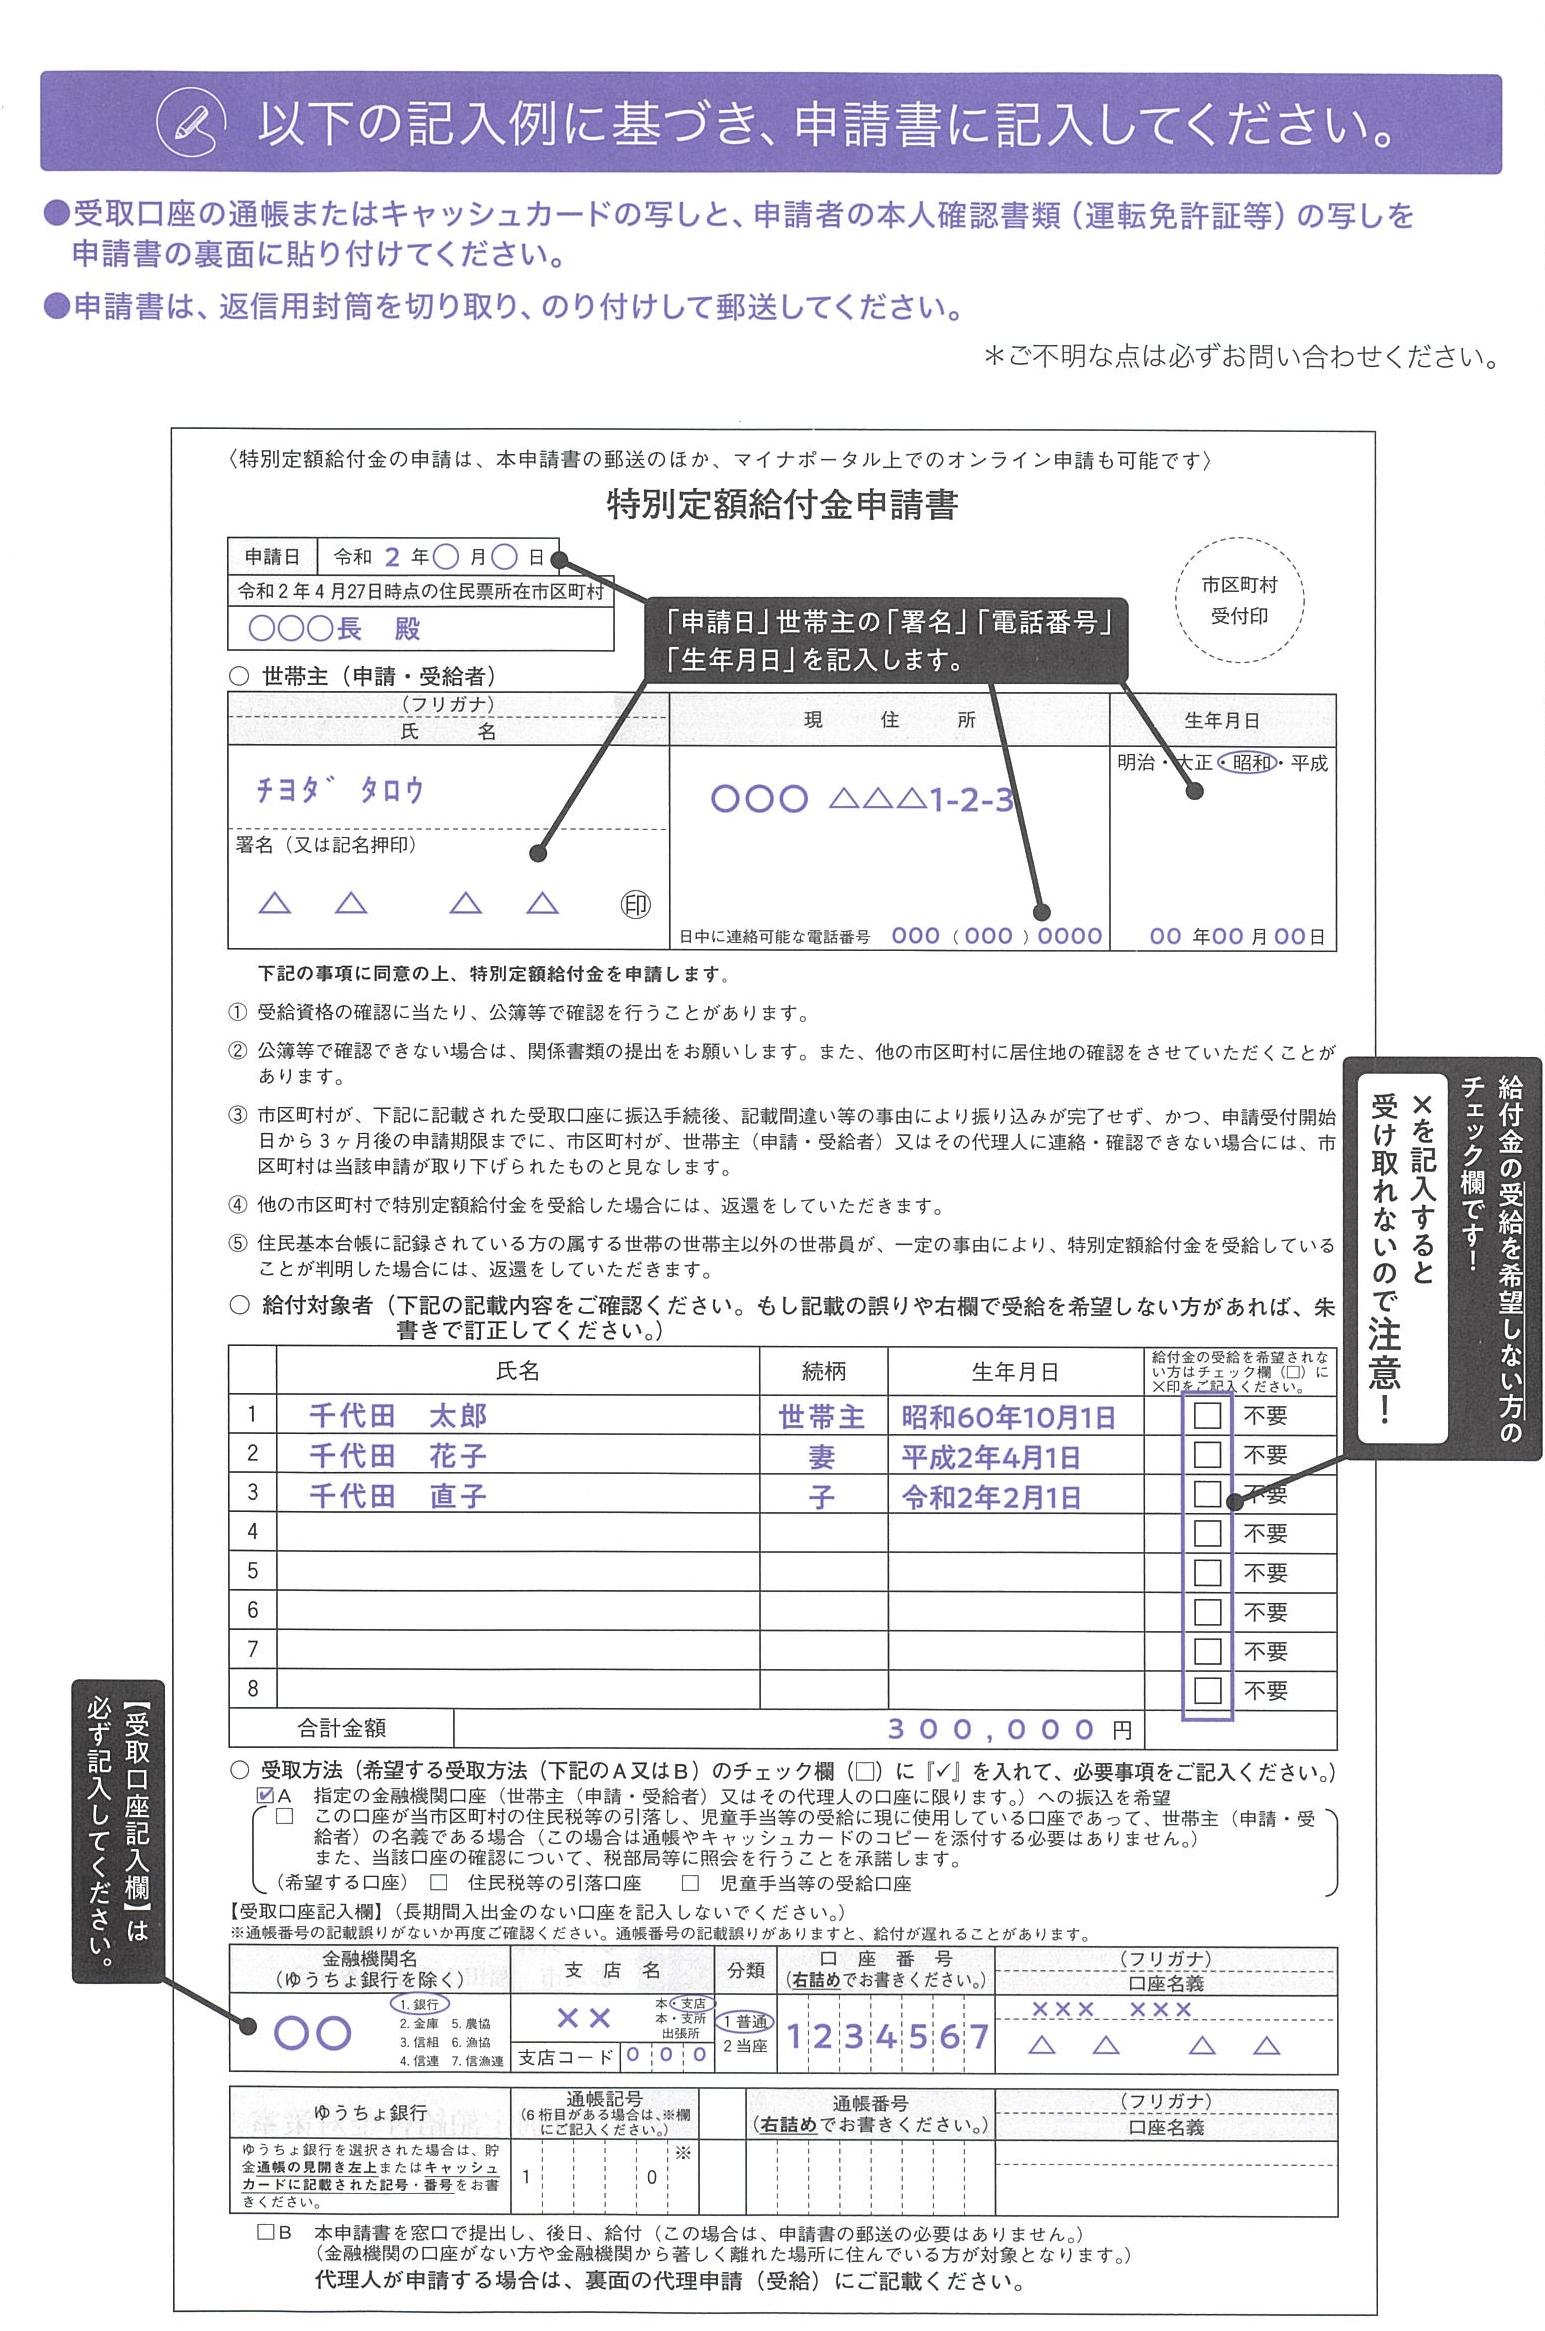 申請書記入例